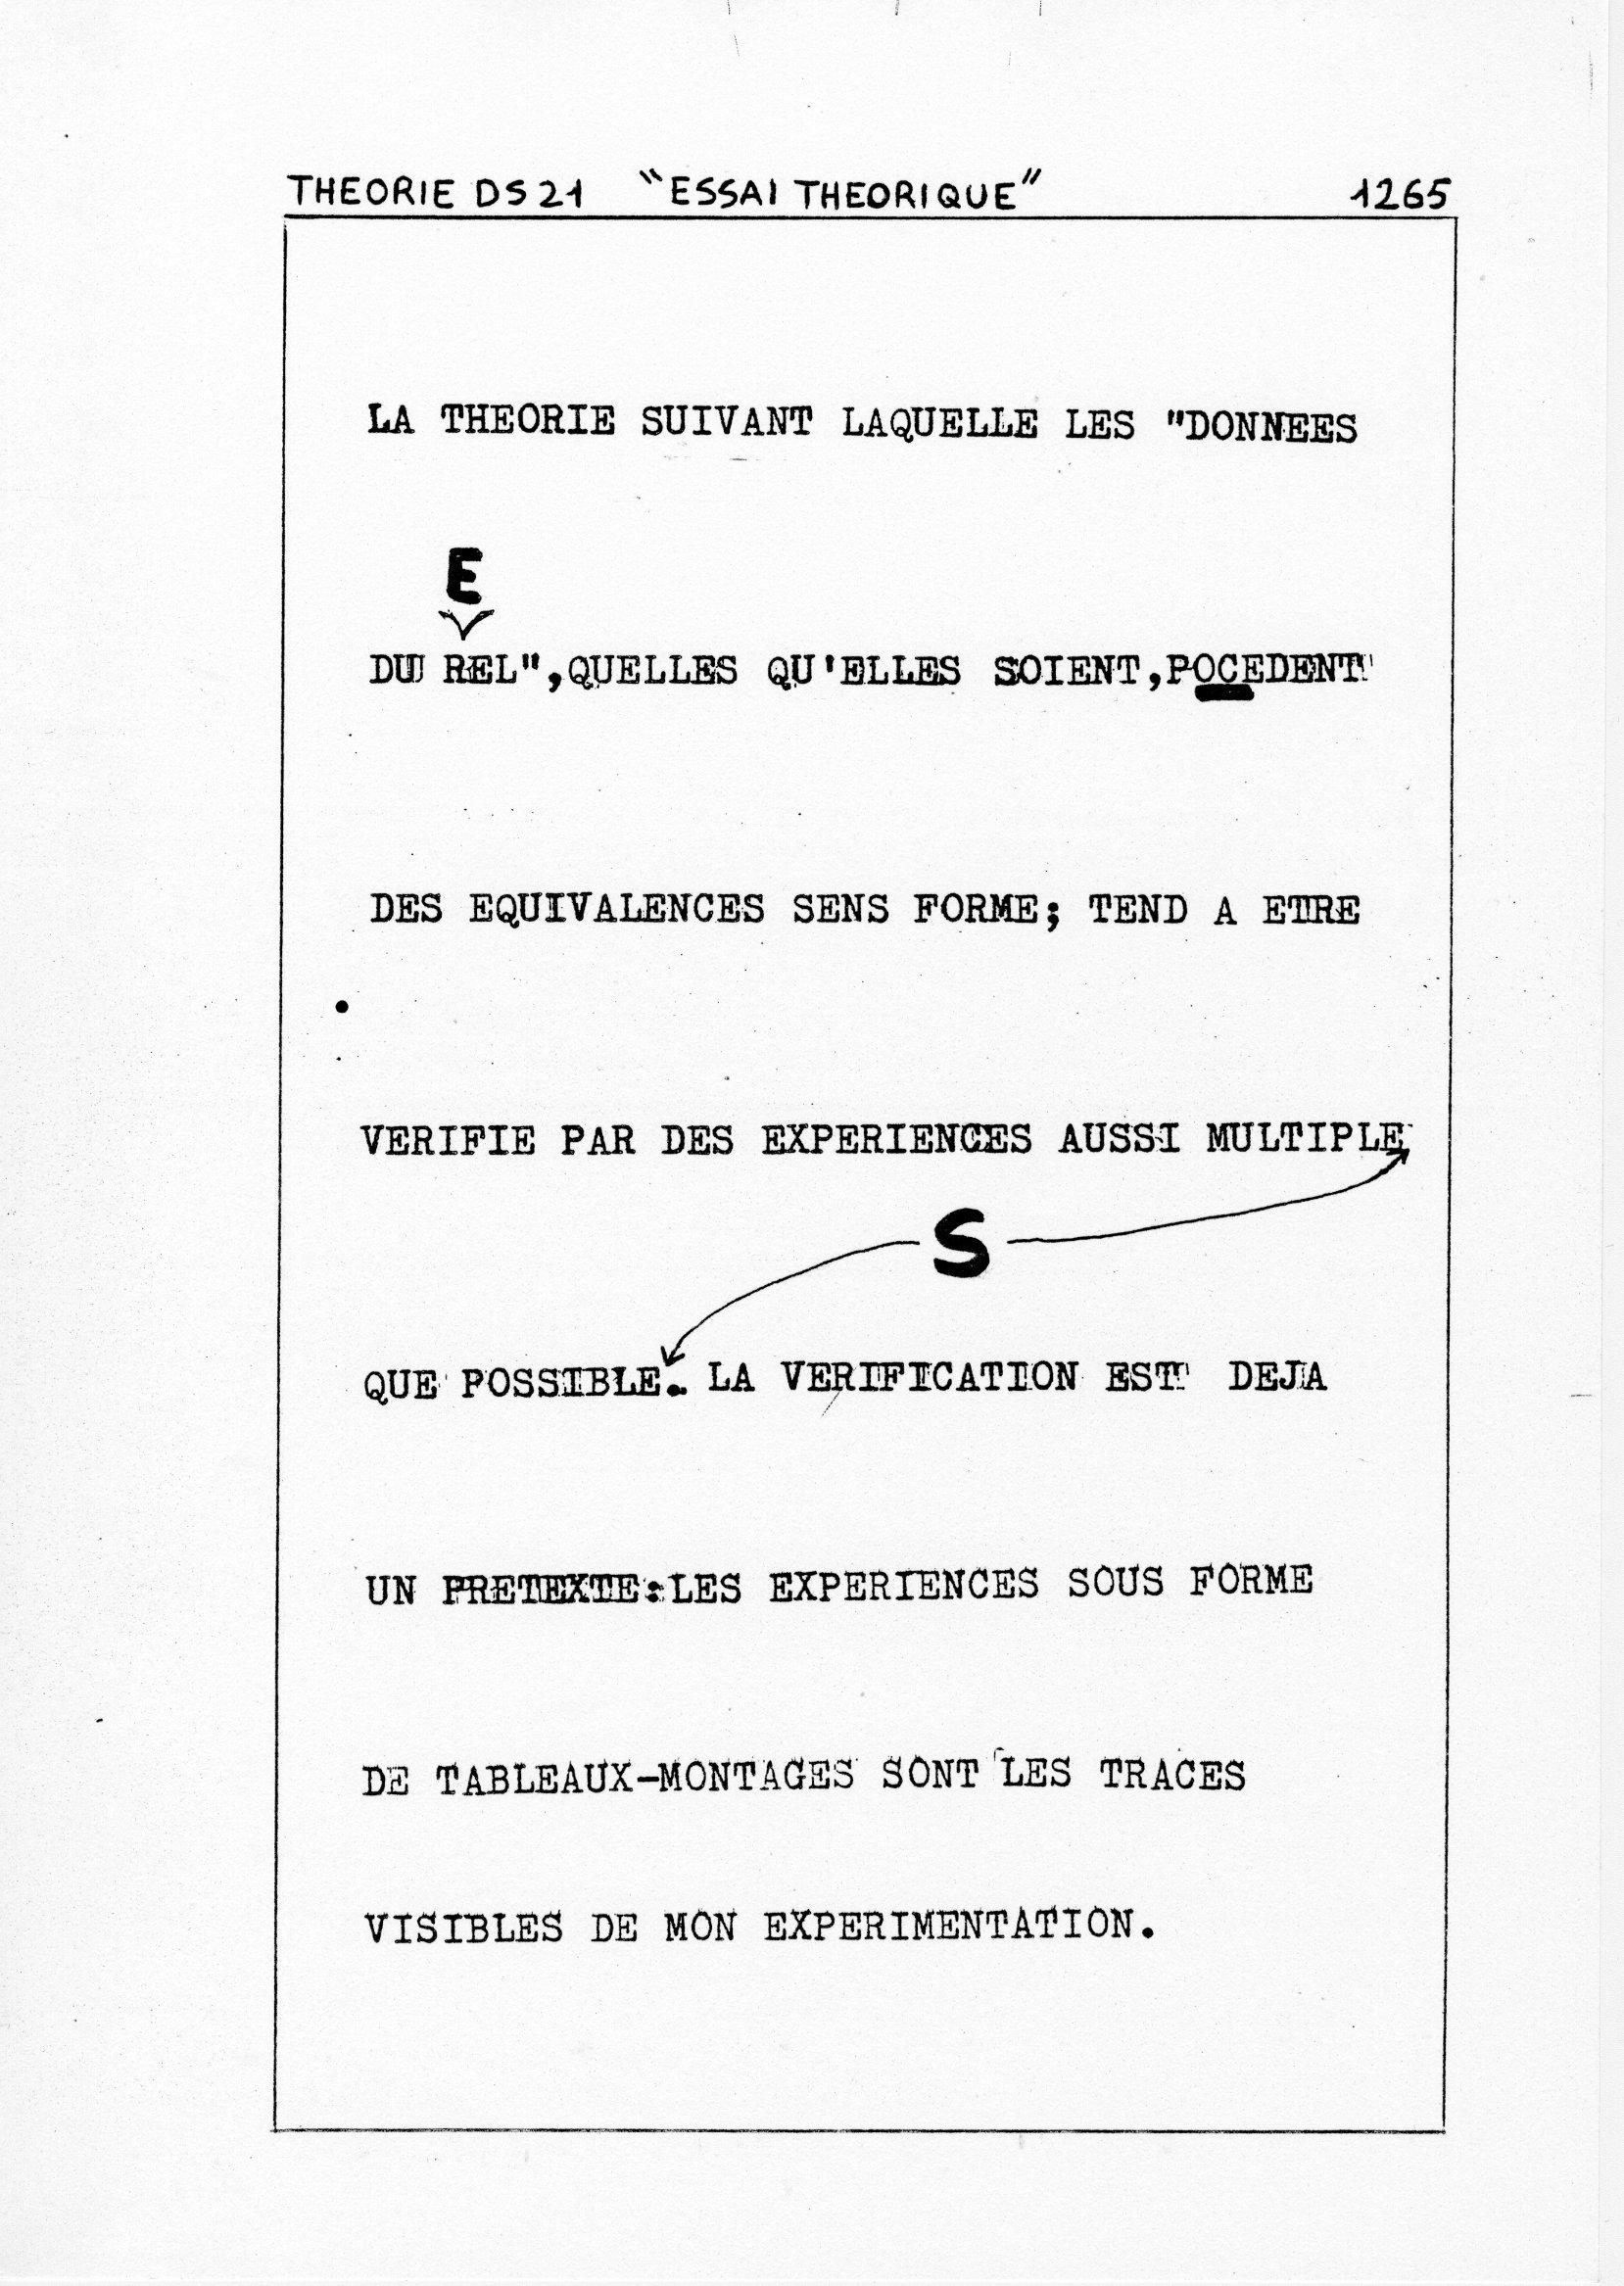 page 1265 Théorie D.S. 21 ESSAI THEORIQUE